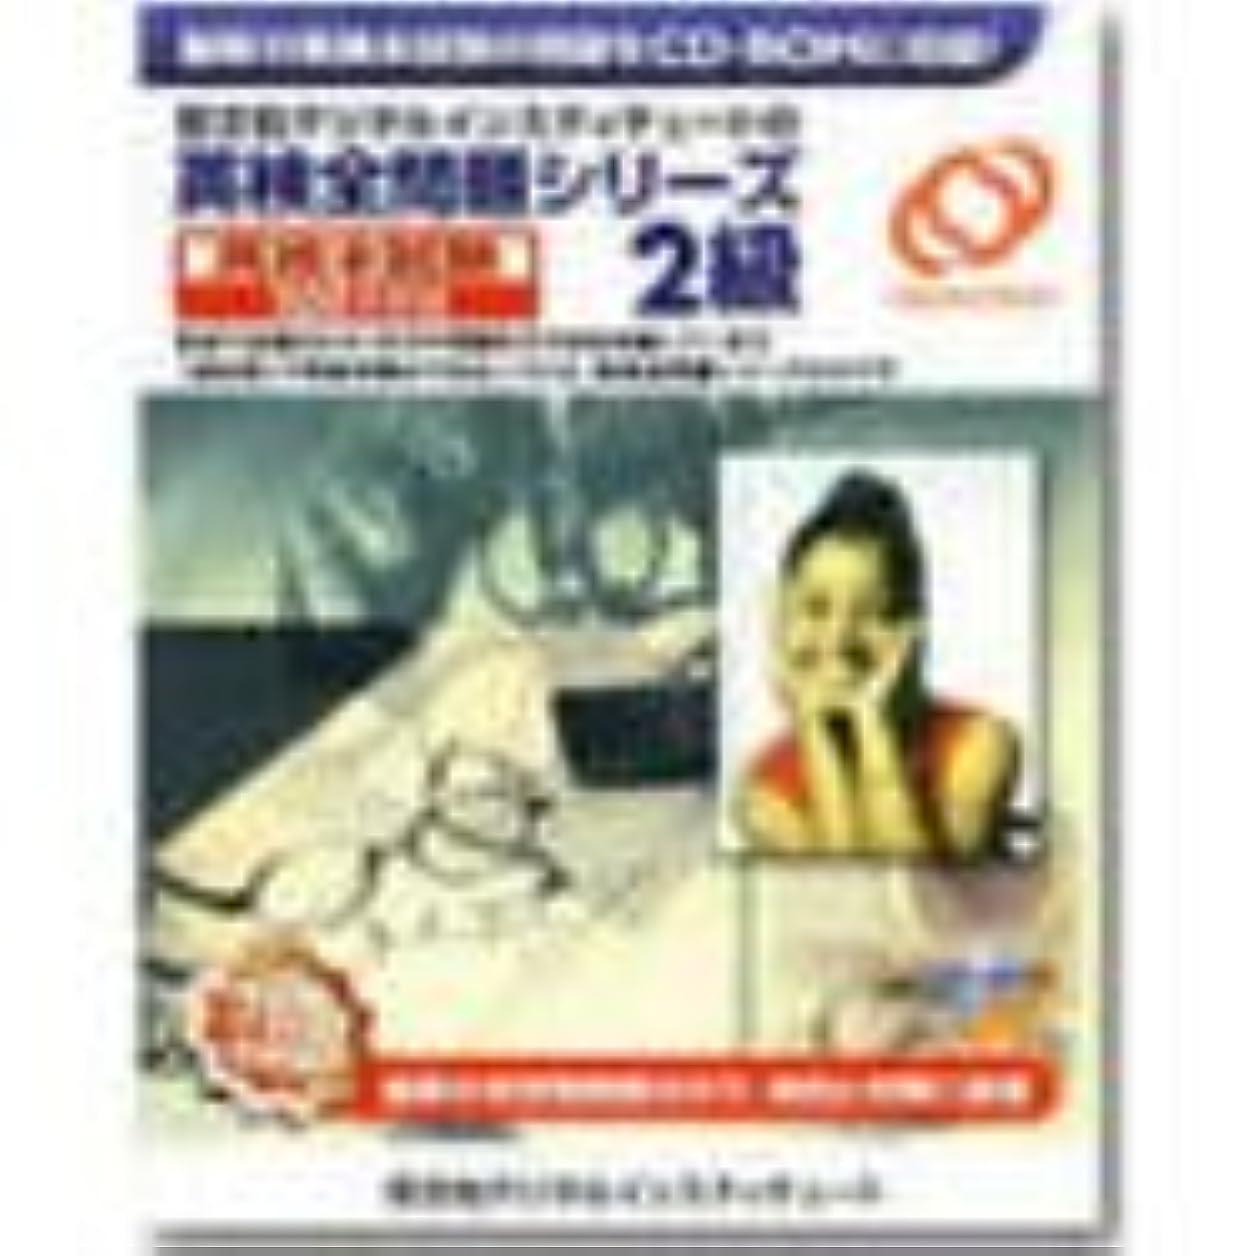 シリンダーピニオン政権英検全問題シリーズ CD-ROM版 2級